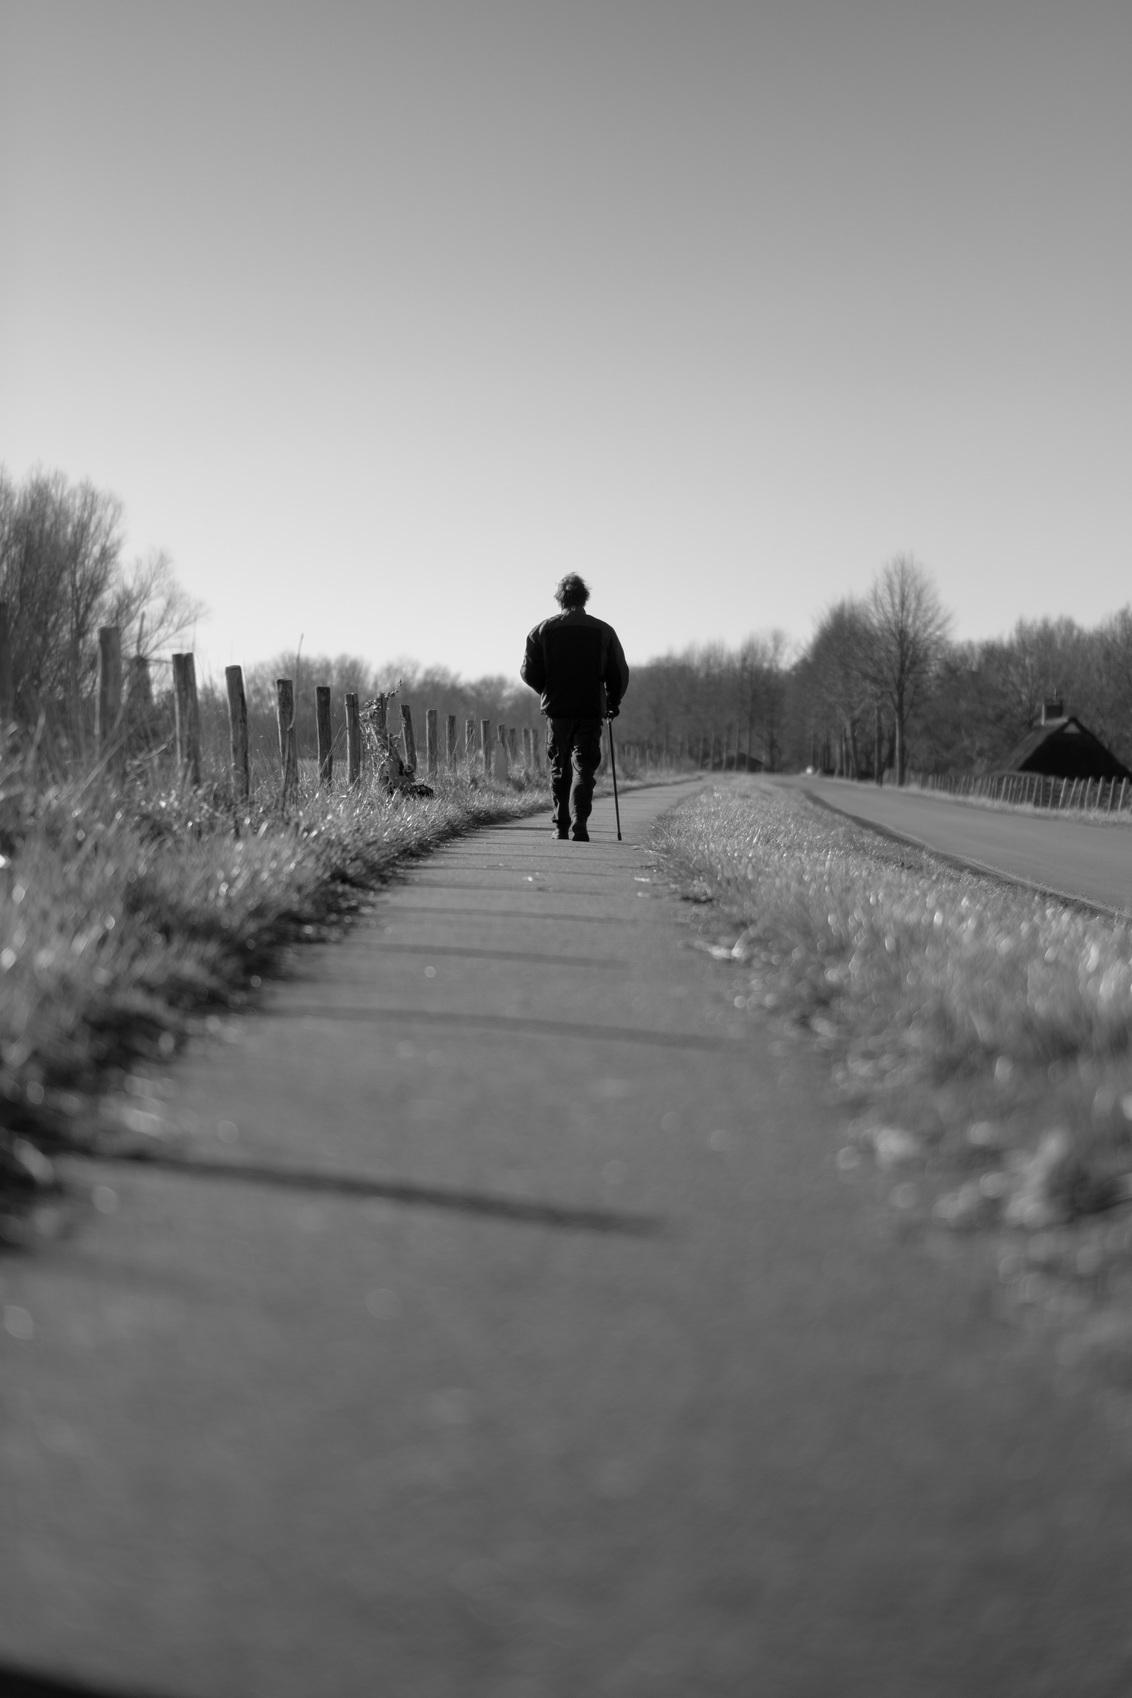 De wandelaar - Goede reis - foto door michielheijmans op 07-03-2021 - deze foto bevat: man, mensen, straat, dijk, silhouette, straatfotografie, ravenstein